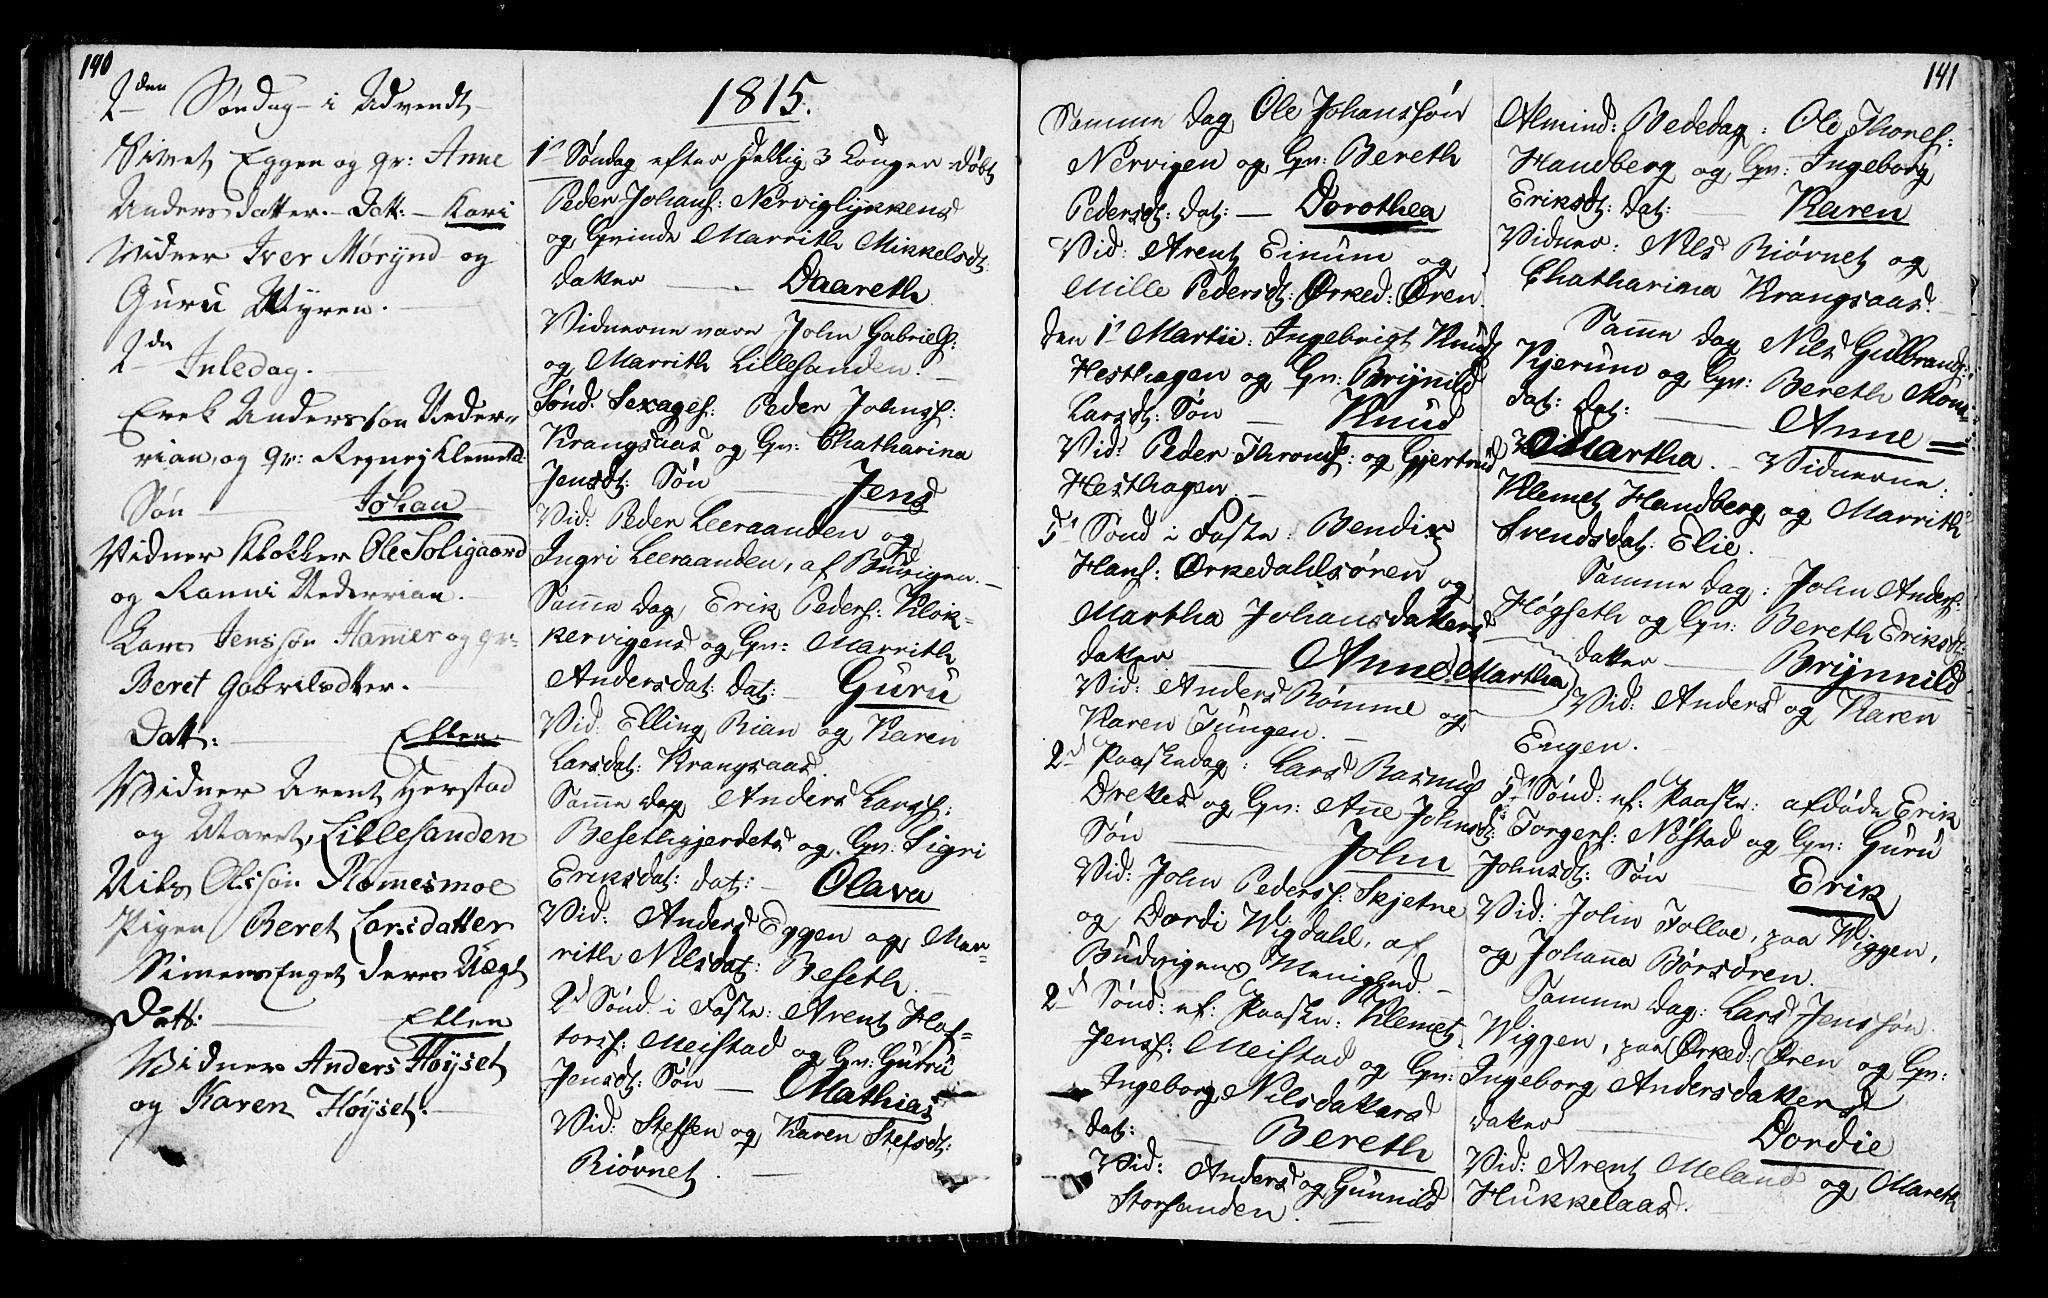 SAT, Ministerialprotokoller, klokkerbøker og fødselsregistre - Sør-Trøndelag, 665/L0769: Ministerialbok nr. 665A04, 1803-1816, s. 140-141